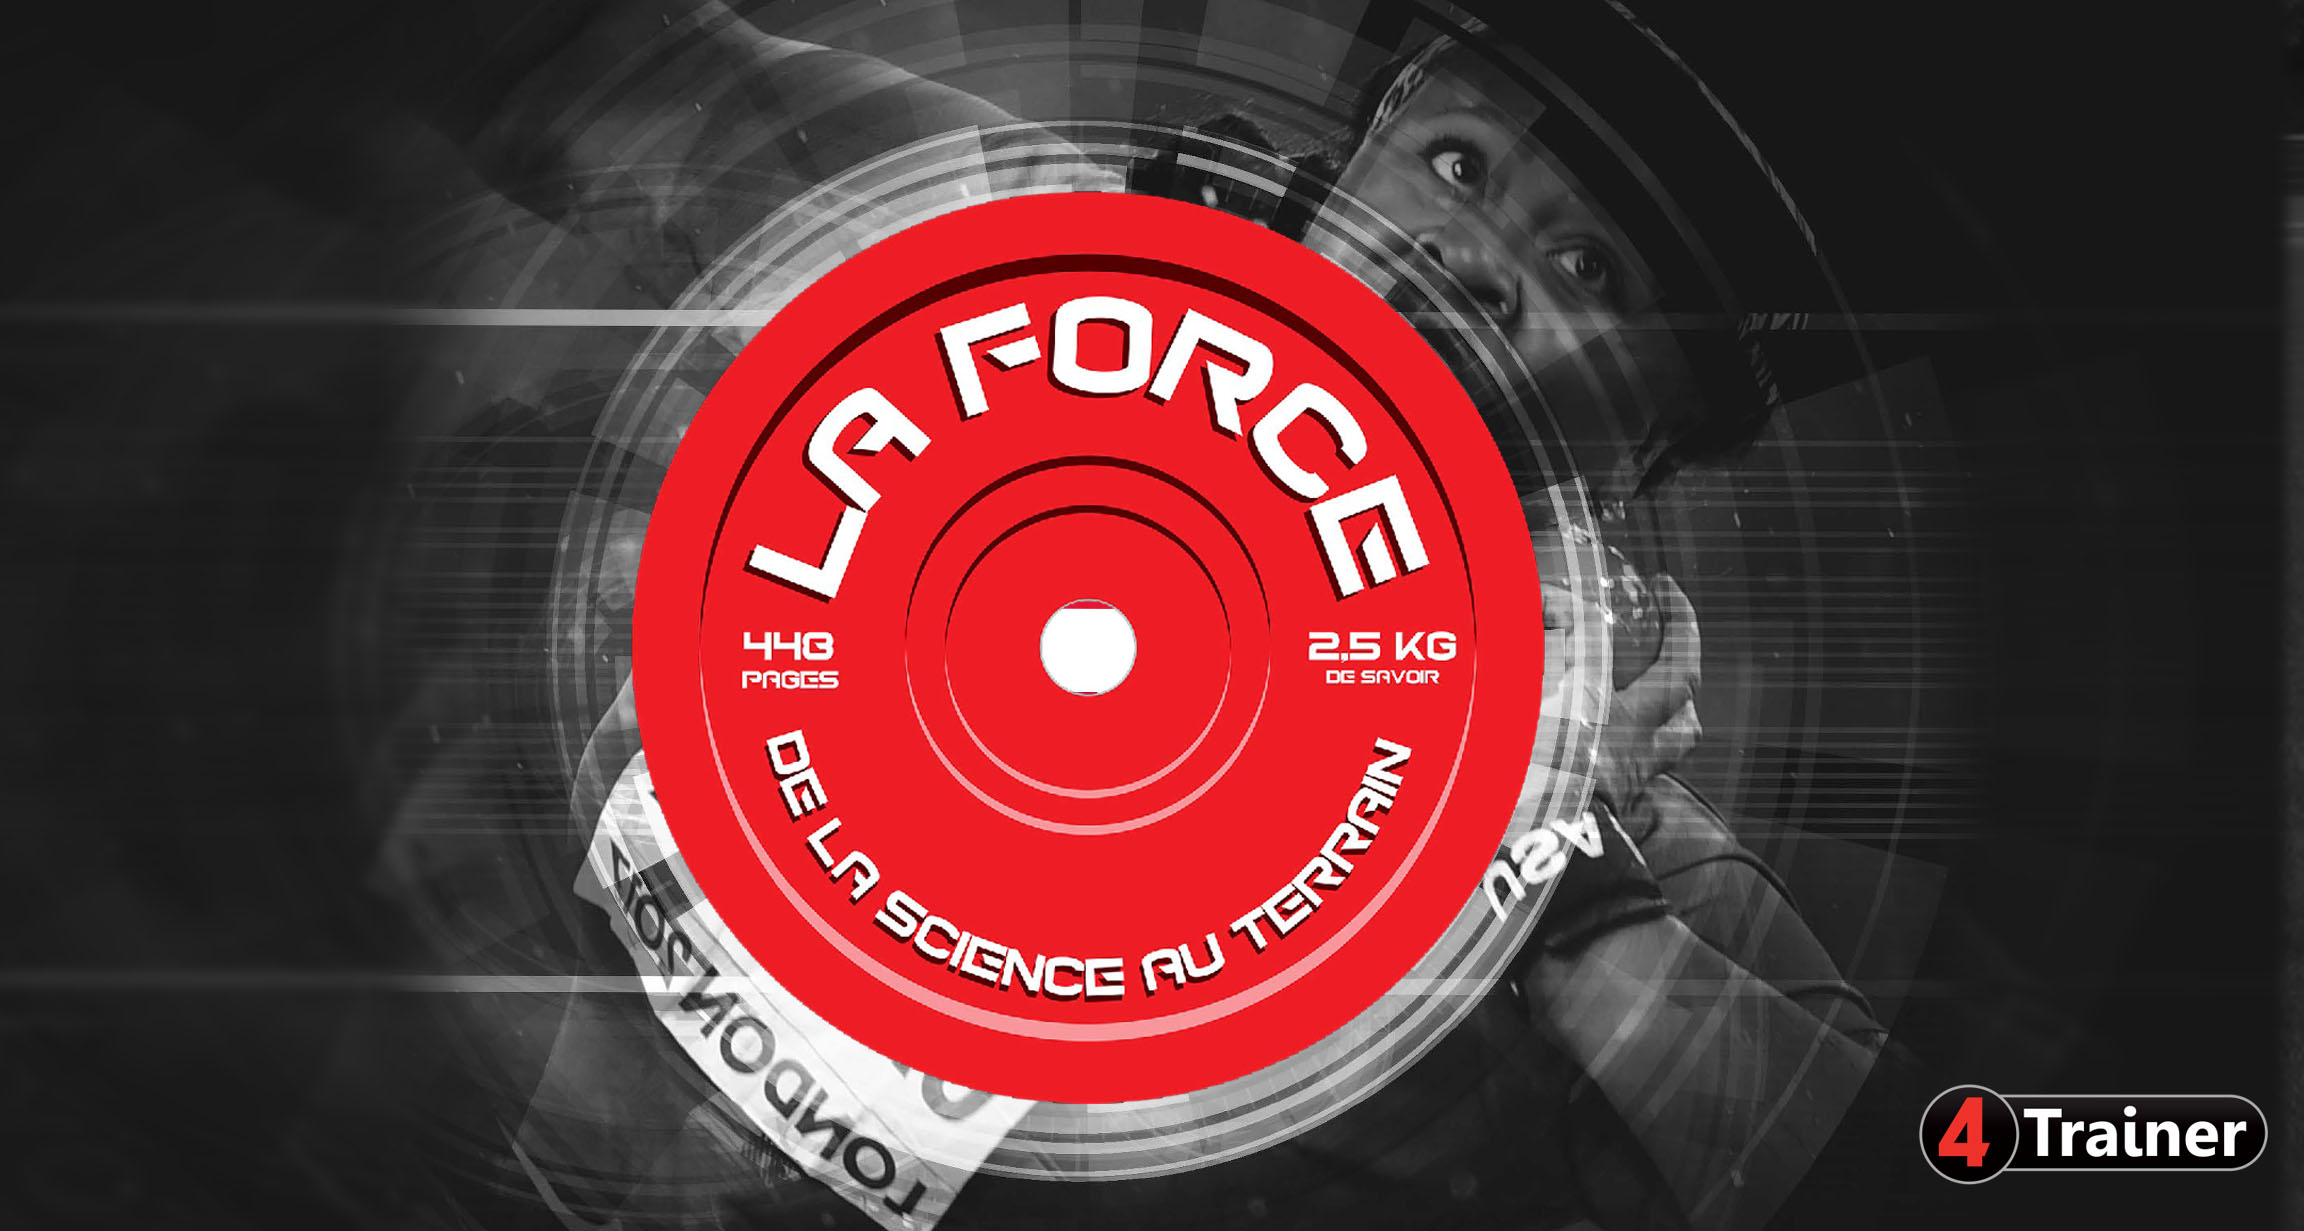 LA FORCE - De la Science au Terrain - 4TRAINER Editions